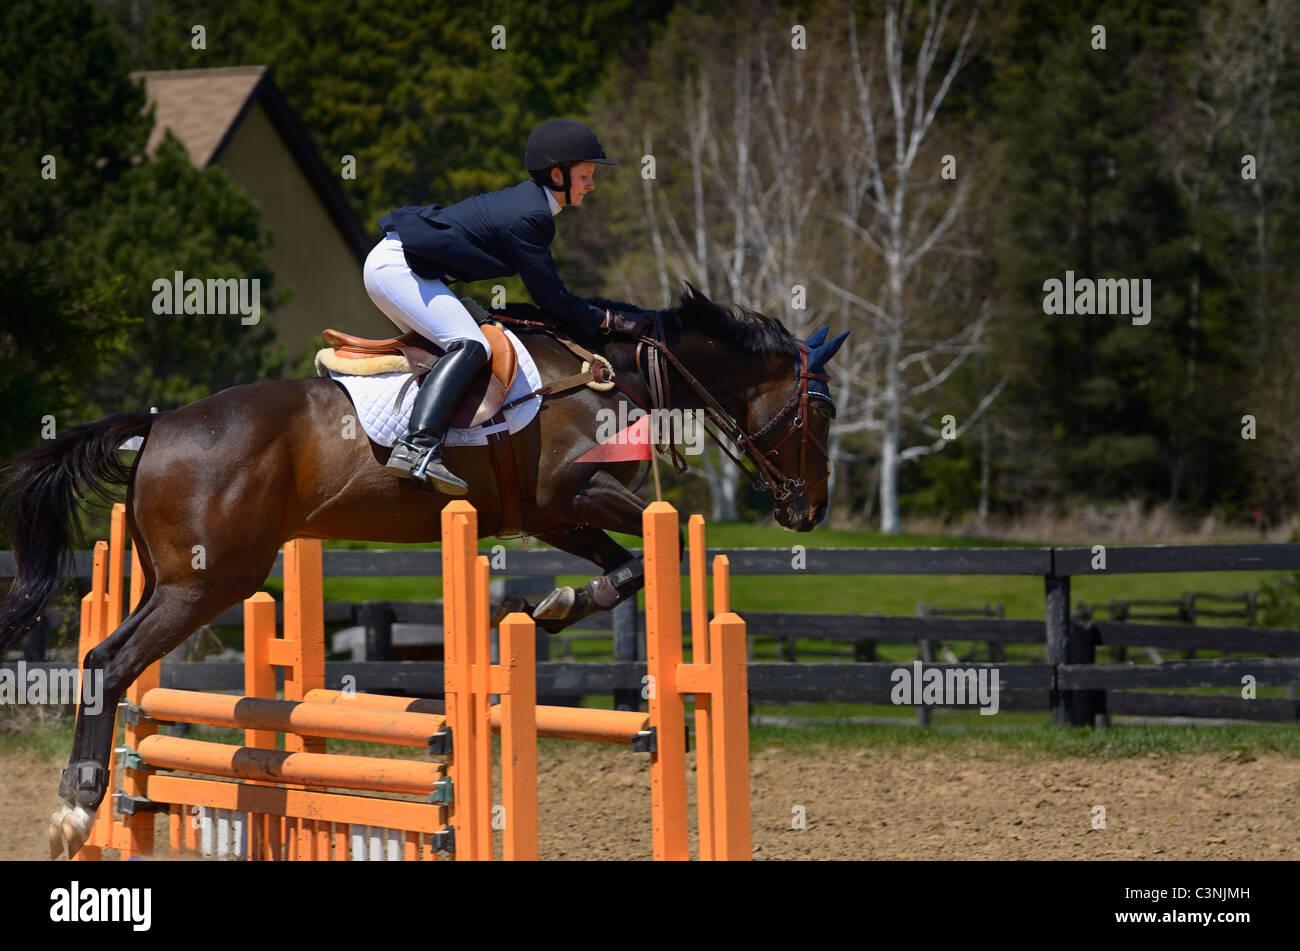 Jinete de caballos de pura raza saltar por encima de una valla de oxer una piscina show ecuestre competencia Ontario Foto de stock